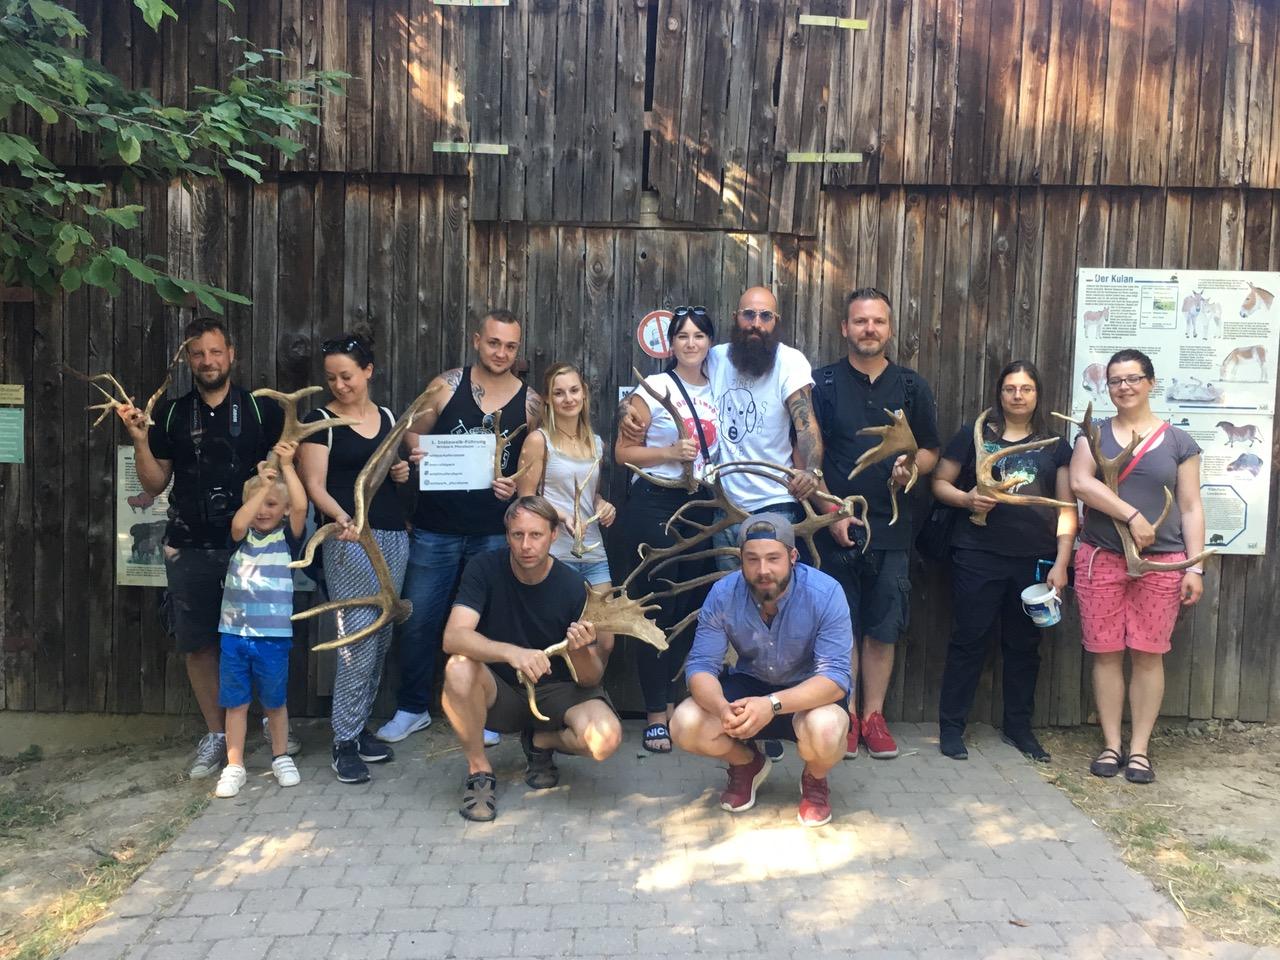 Gruppenfoto: Die Teilnehmerinnen und Teilnehmer des Instawalks mit Carsten Schwarz (vorne links) und David Schmitt (vorne rechts) im Wildpark. Quelle: Stefanie Paprotka